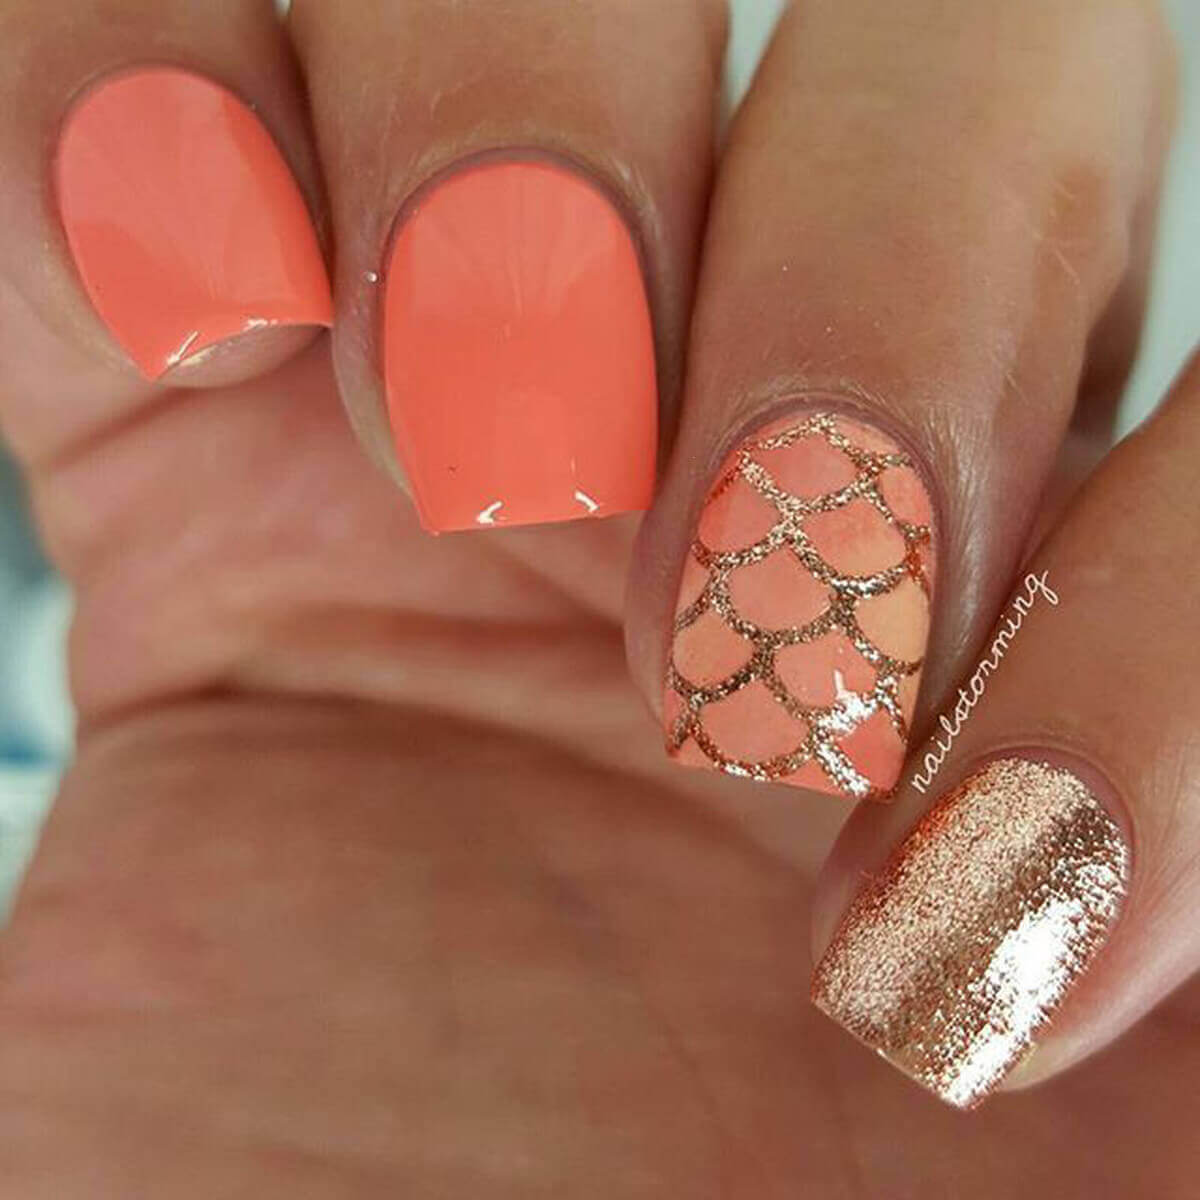 diseño de uñas color naranja con dorado